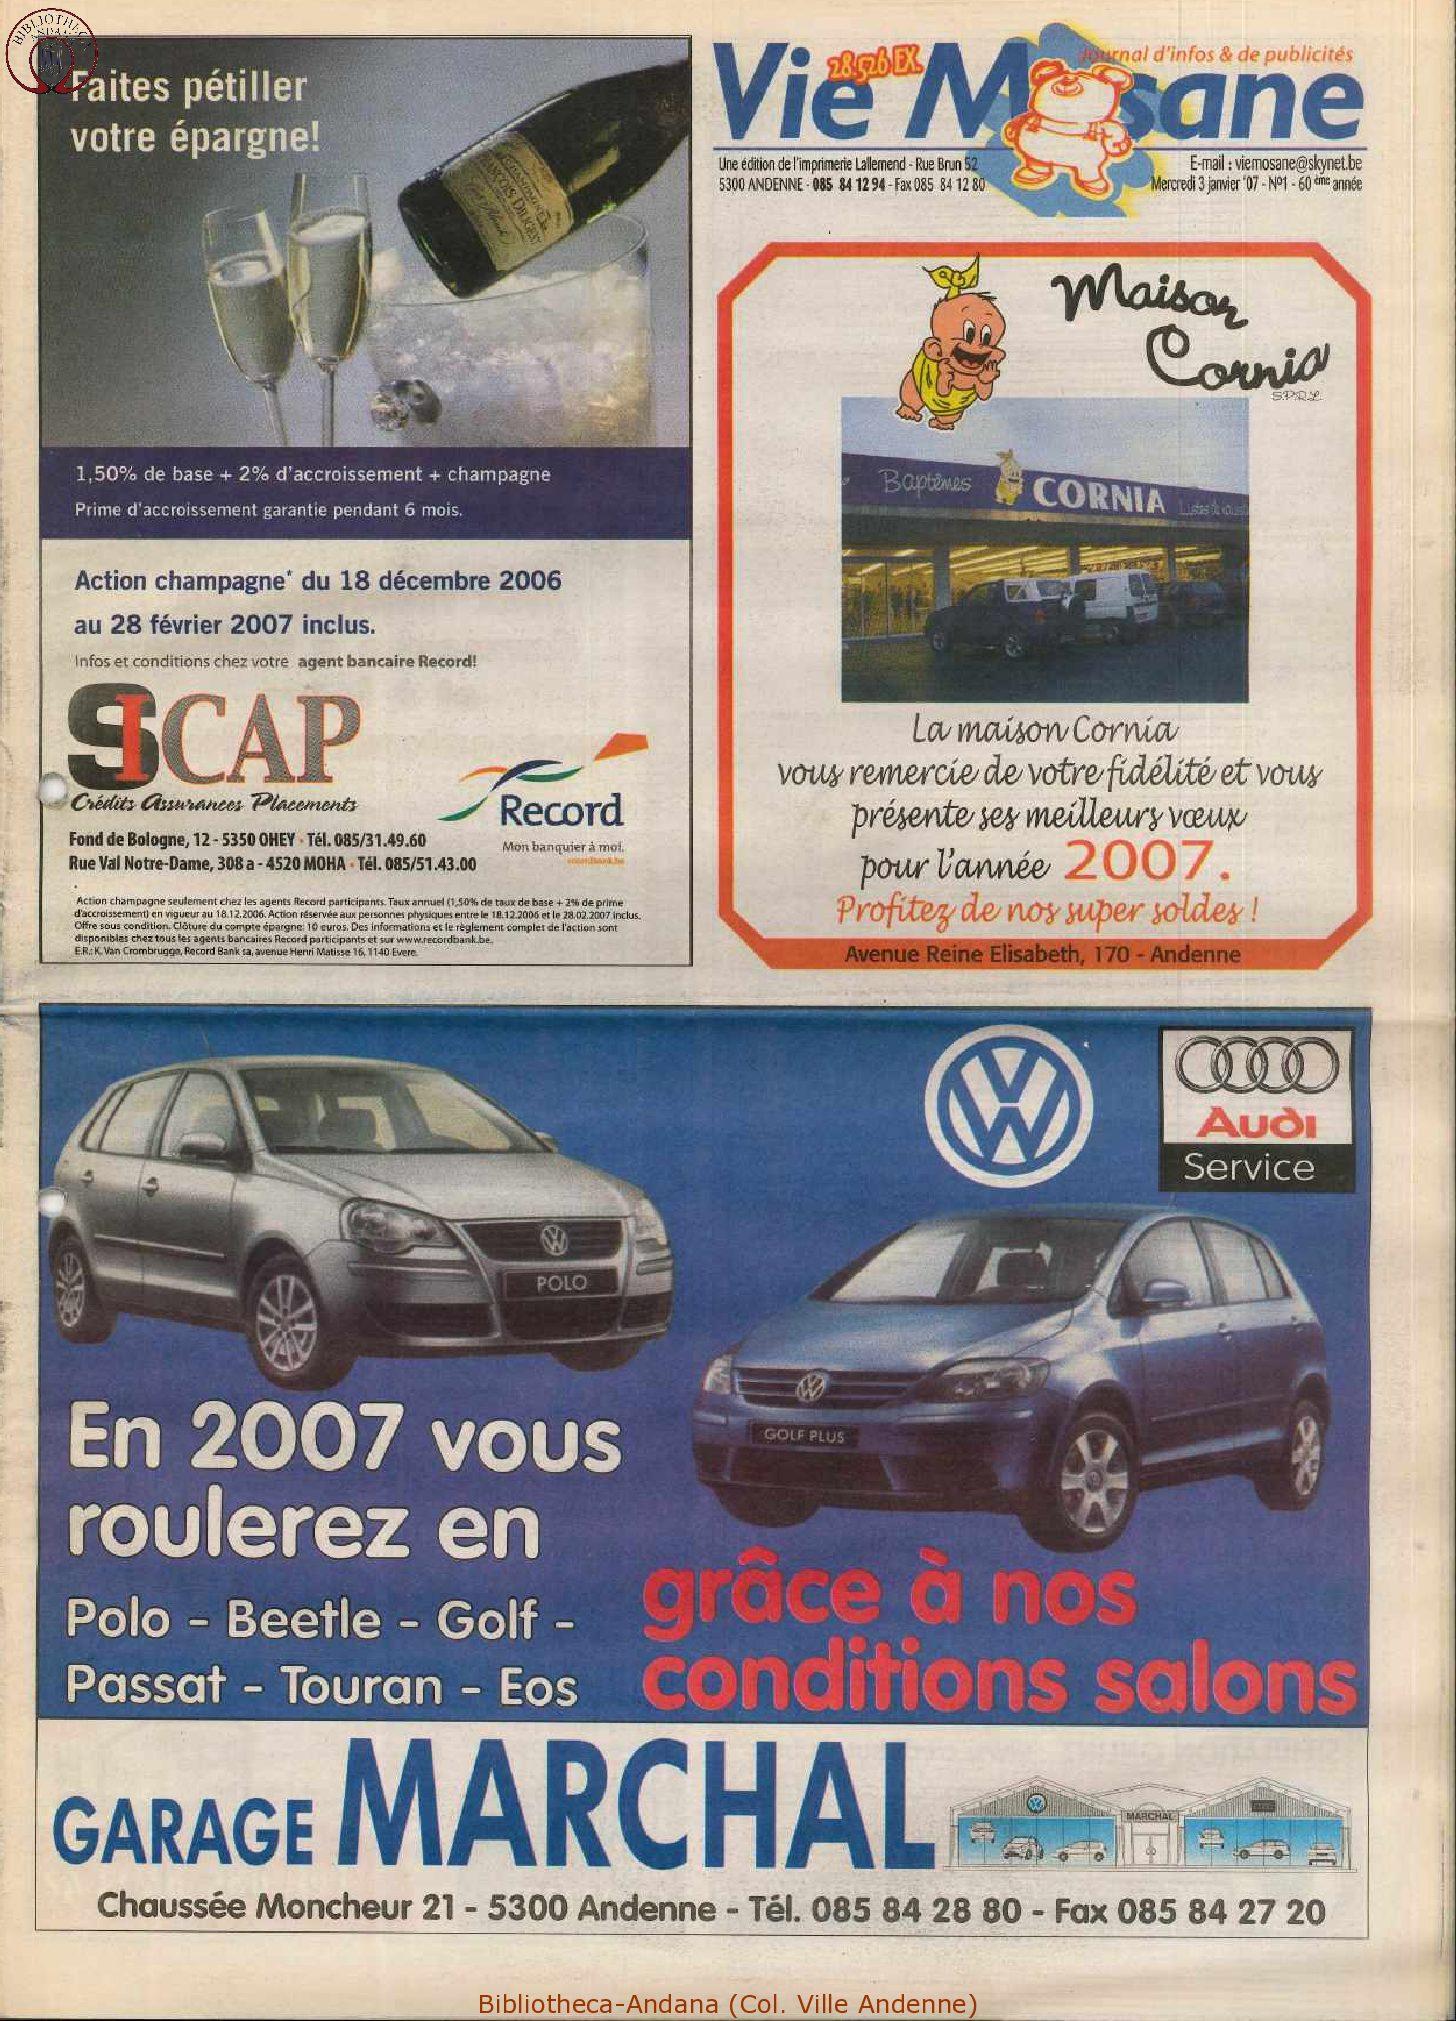 60e année - n°1 - 3 janvier 2007